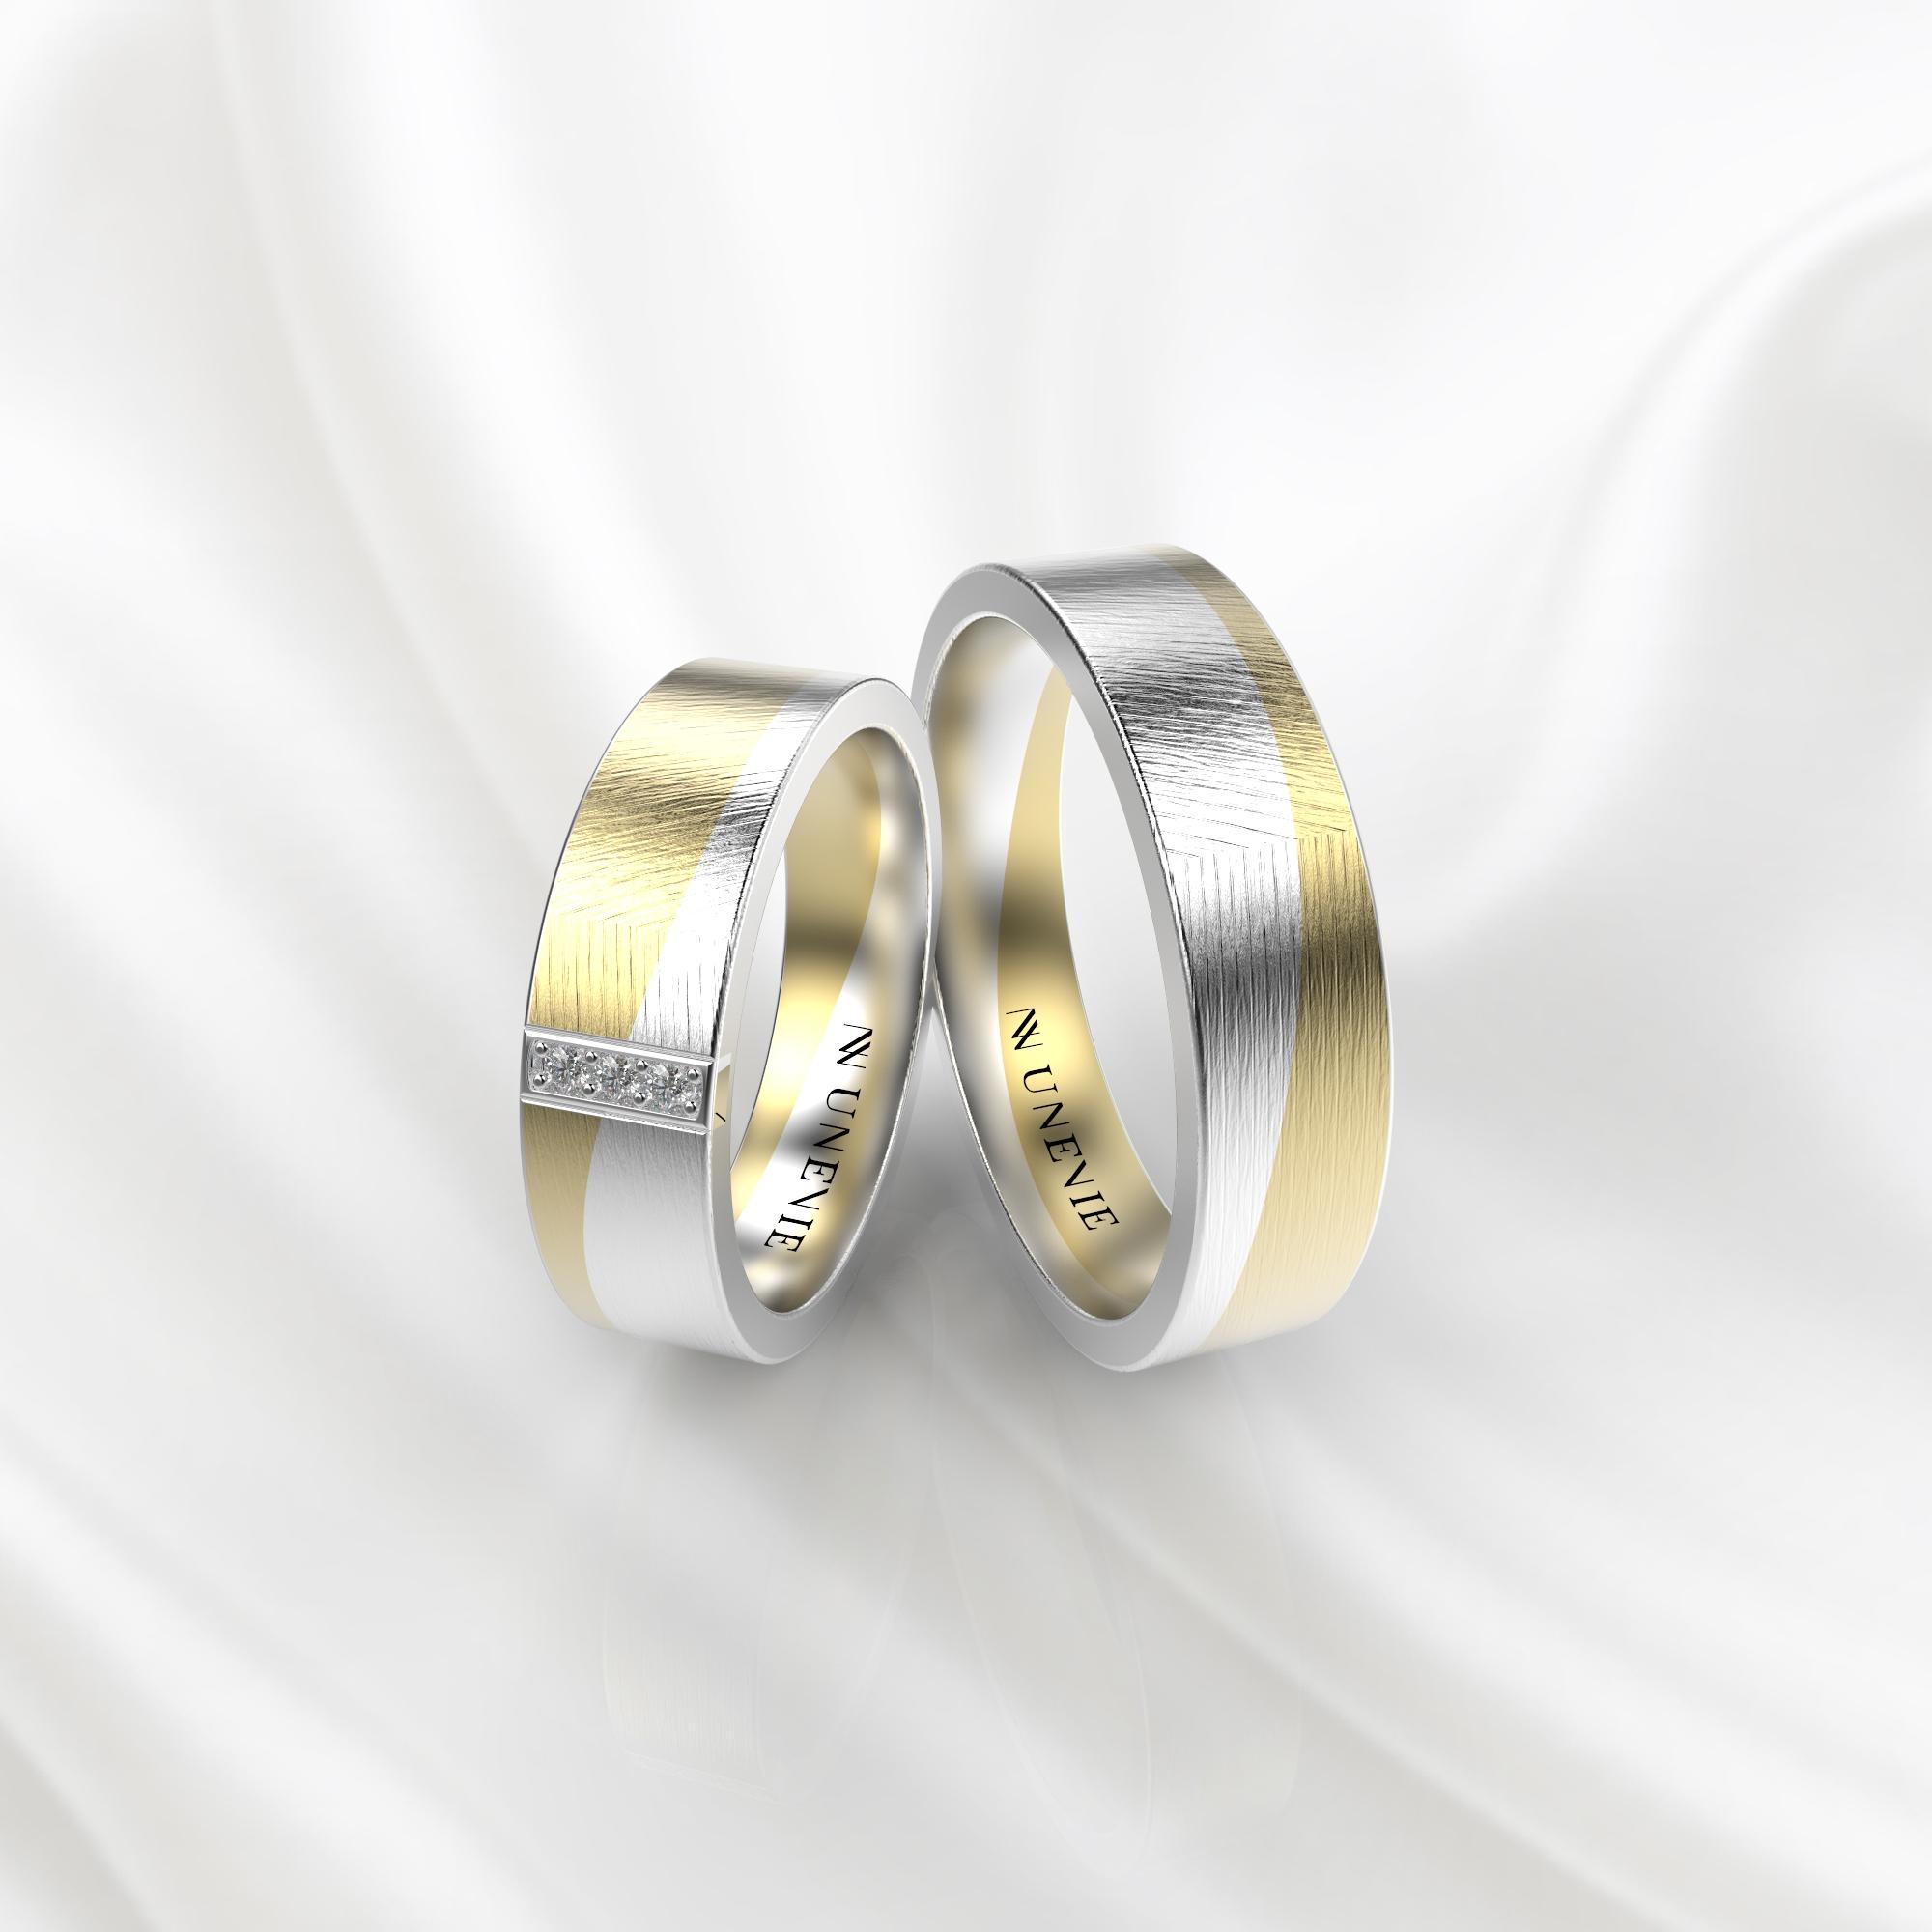 NV59 Парные обручальные кольца из желто-белого золота с бриллиантами